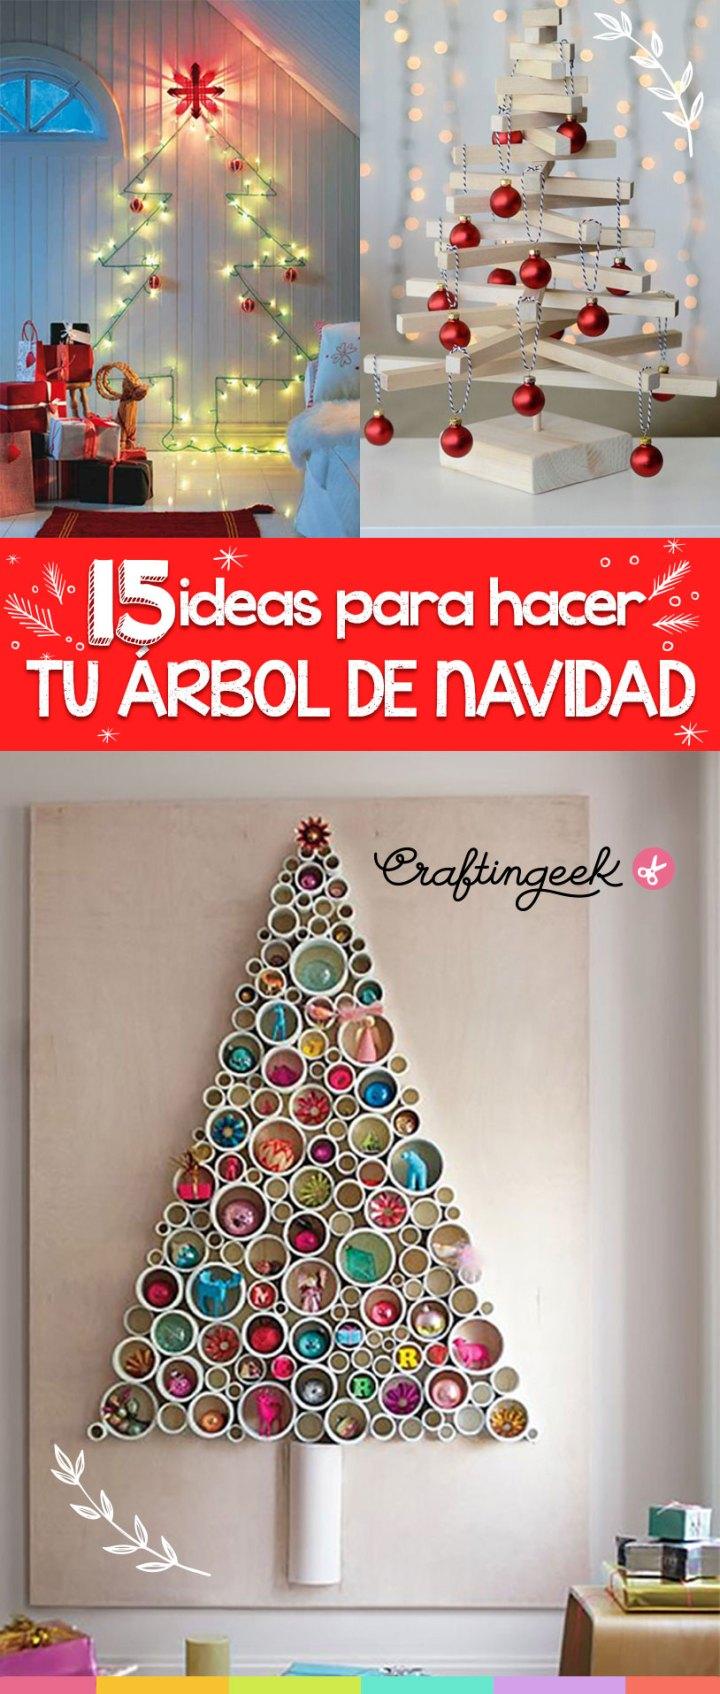 15 ideas para hacer arboles de navidad